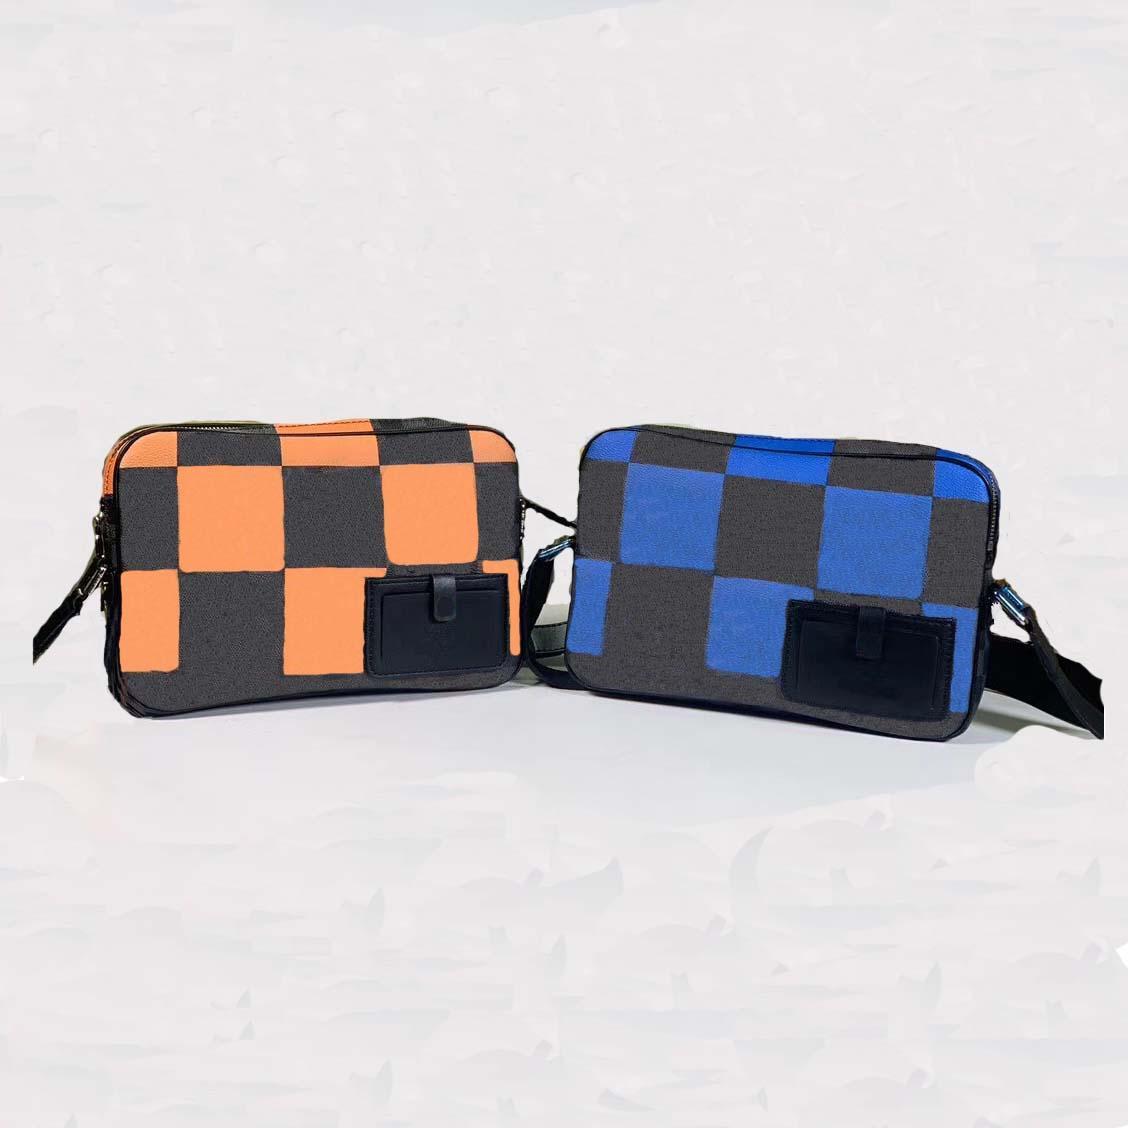 Lüks Tasarımcılar Çanta L 2021men's Sade ve rahat Sırt Çantası Günlük Schoolbags için Uygun Klasik Moda Mailbags Bir Omuz Çantası Çanta